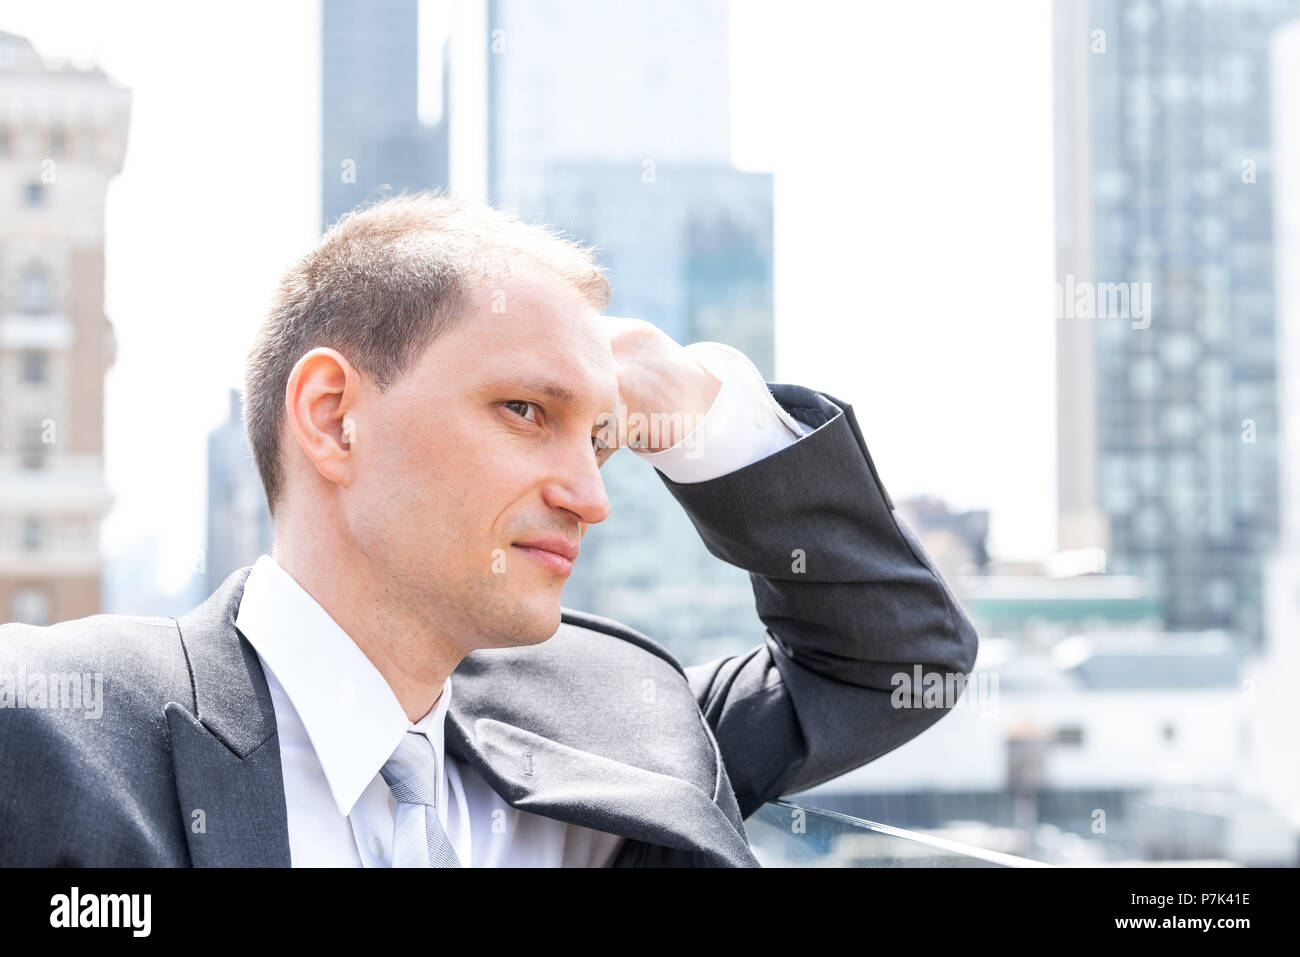 Guapo, atractivo joven empresario perfil lateral closeup cara retrato de pie en traje, corbata, mirando el paisaje urbano de la ciudad de Nueva York en Manhatt skyline Foto de stock